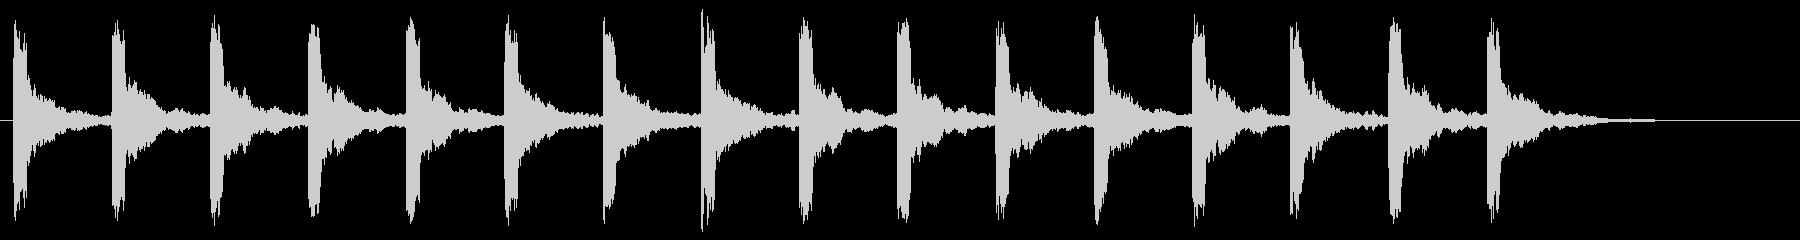 近未来時計カウント音3の未再生の波形